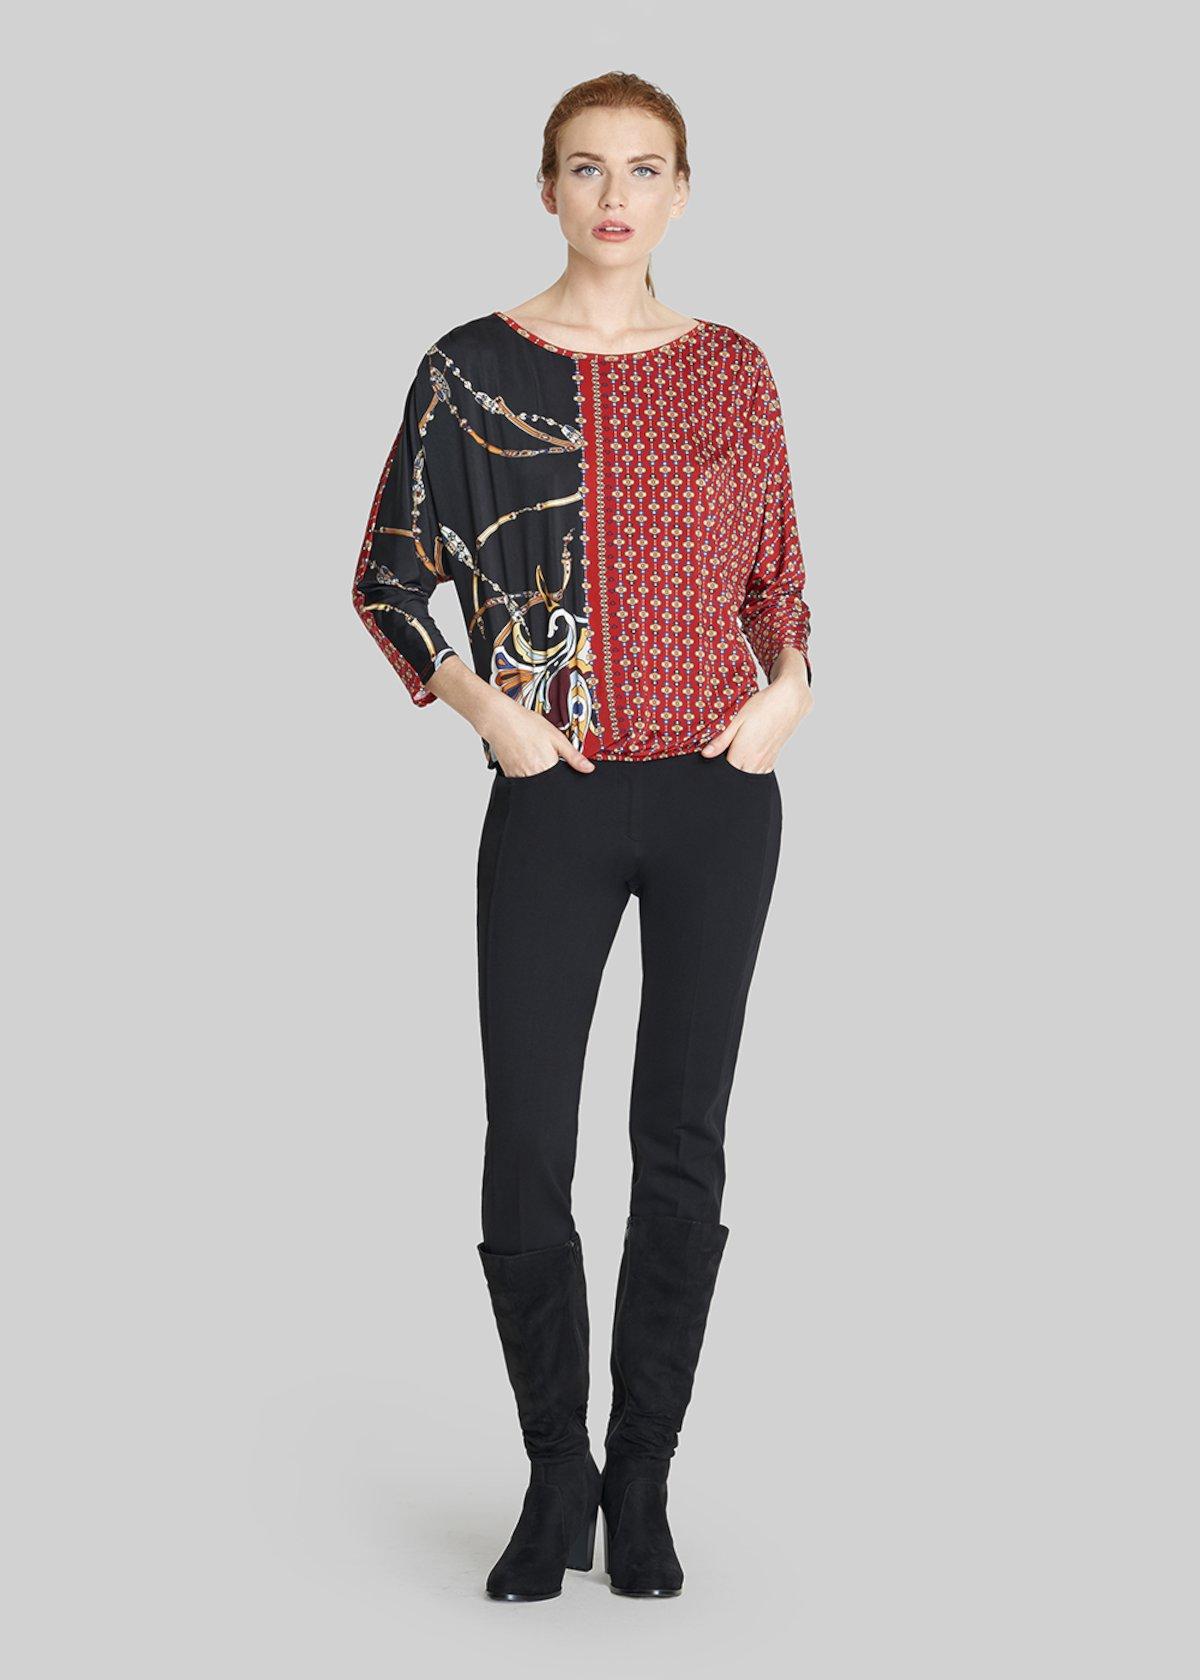 Semira shirt, egg model with 7/8 sleeve - Black / Chili / Fantasia - Woman - Category image